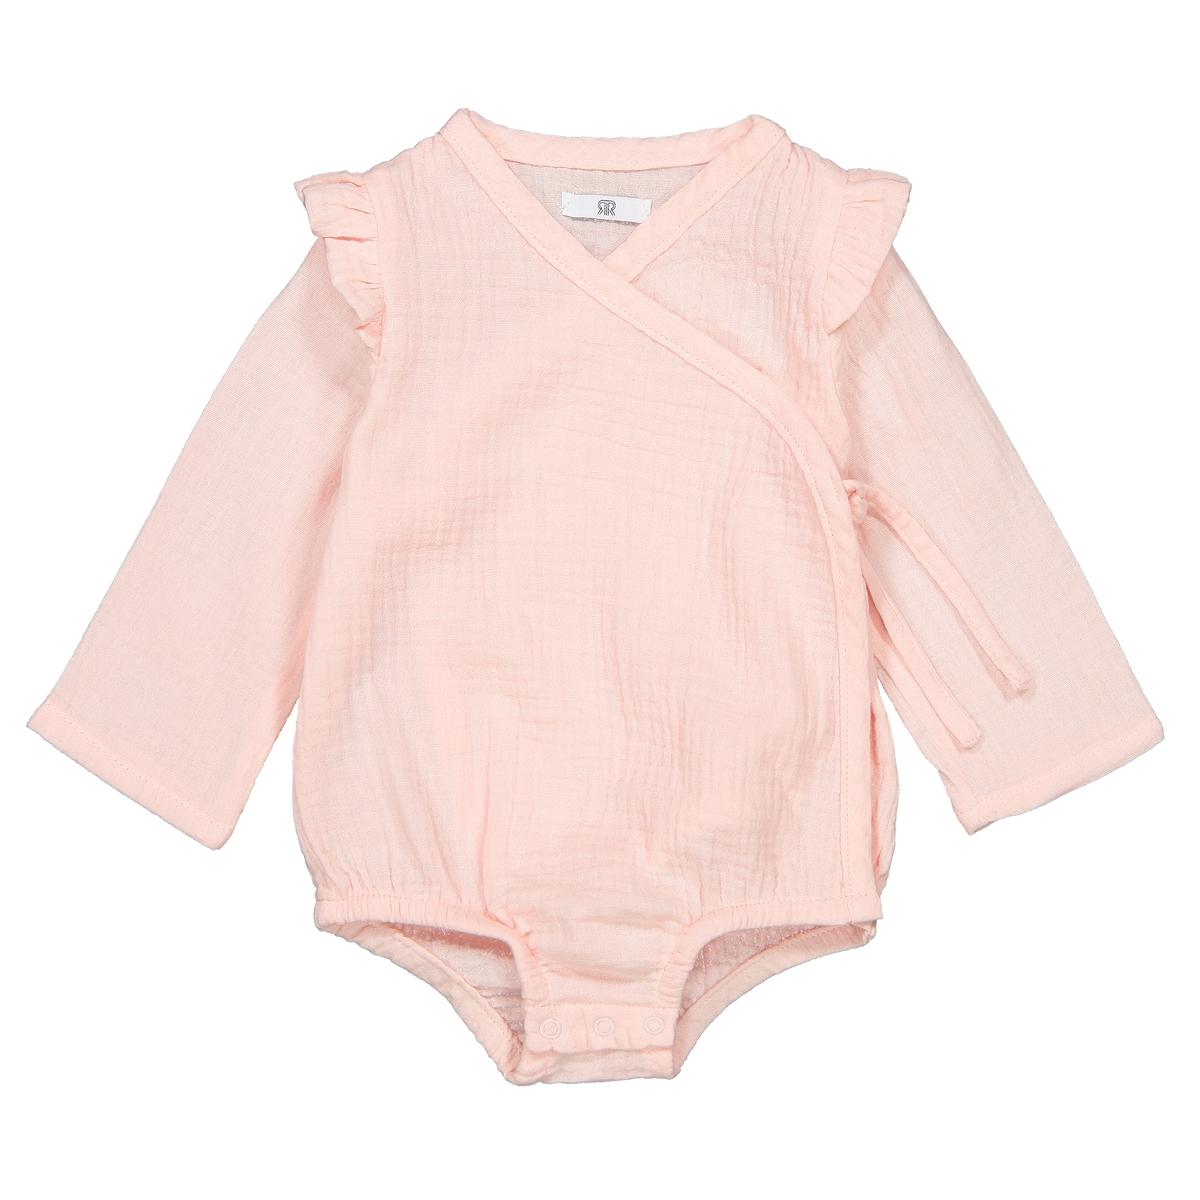 Комбинезон La Redoute Для малышей мес - года 2 года - 86 см розовый костюм la redoute купальный детский в полоску из махровой ткани мес года 2 года 86 см зеленый